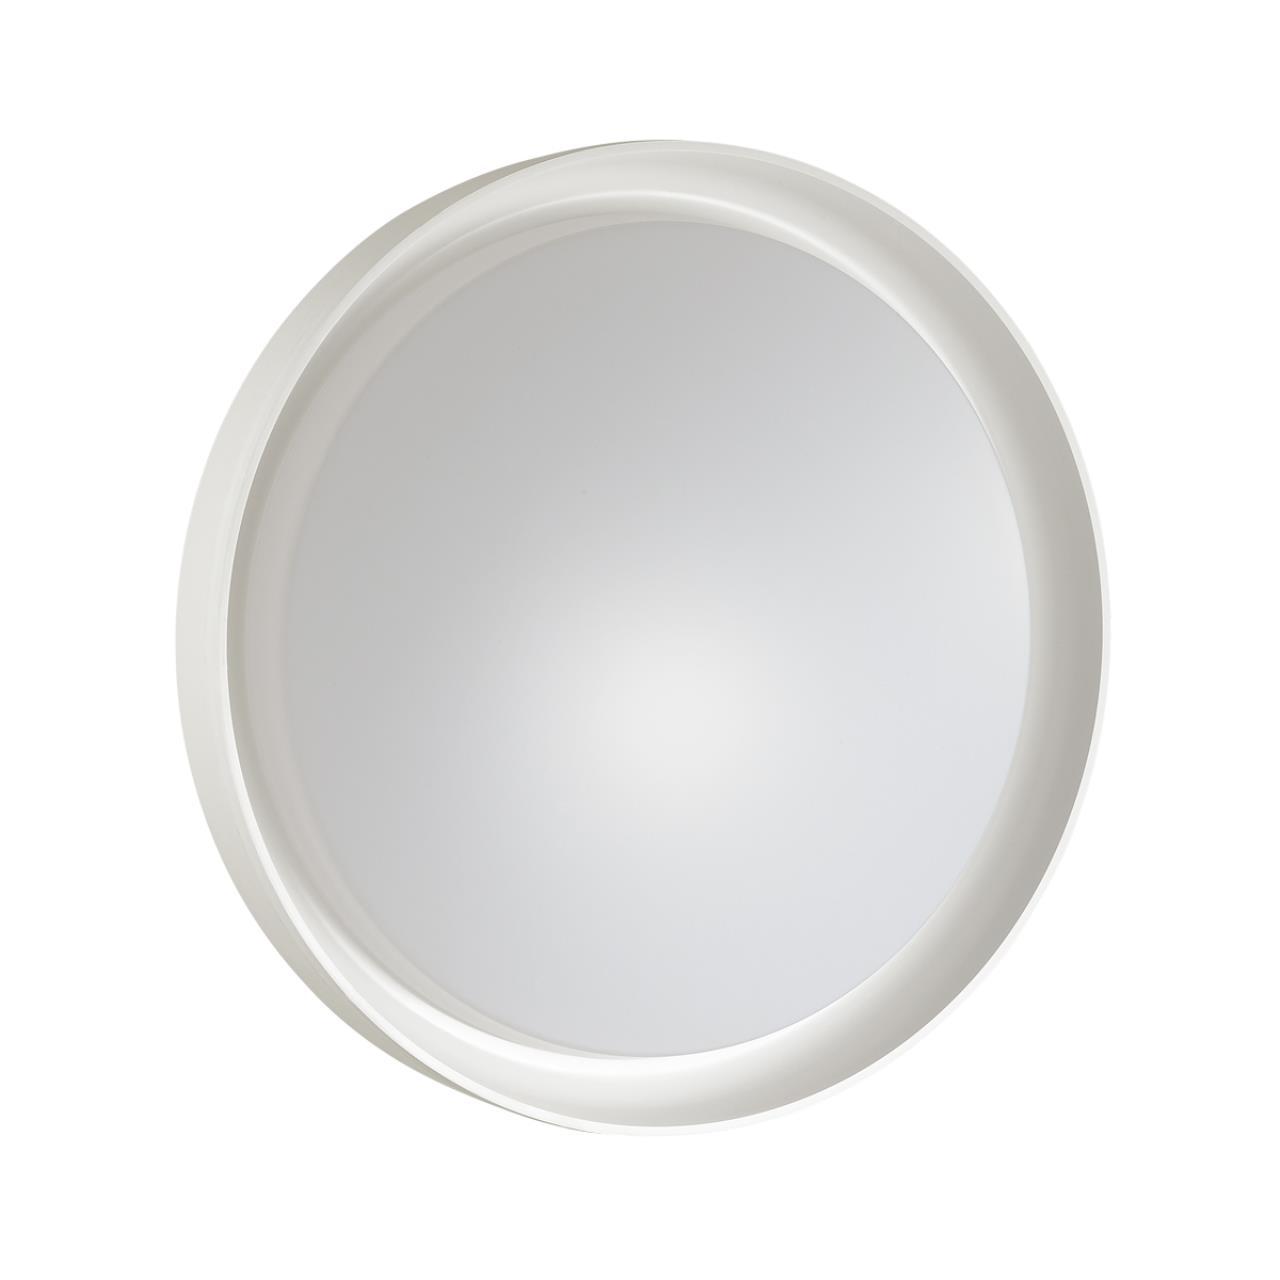 3030/DL SN 017 св-к BIONIC пластик LED 48Вт 3000-6000K D410 IP43 пульт ДУ